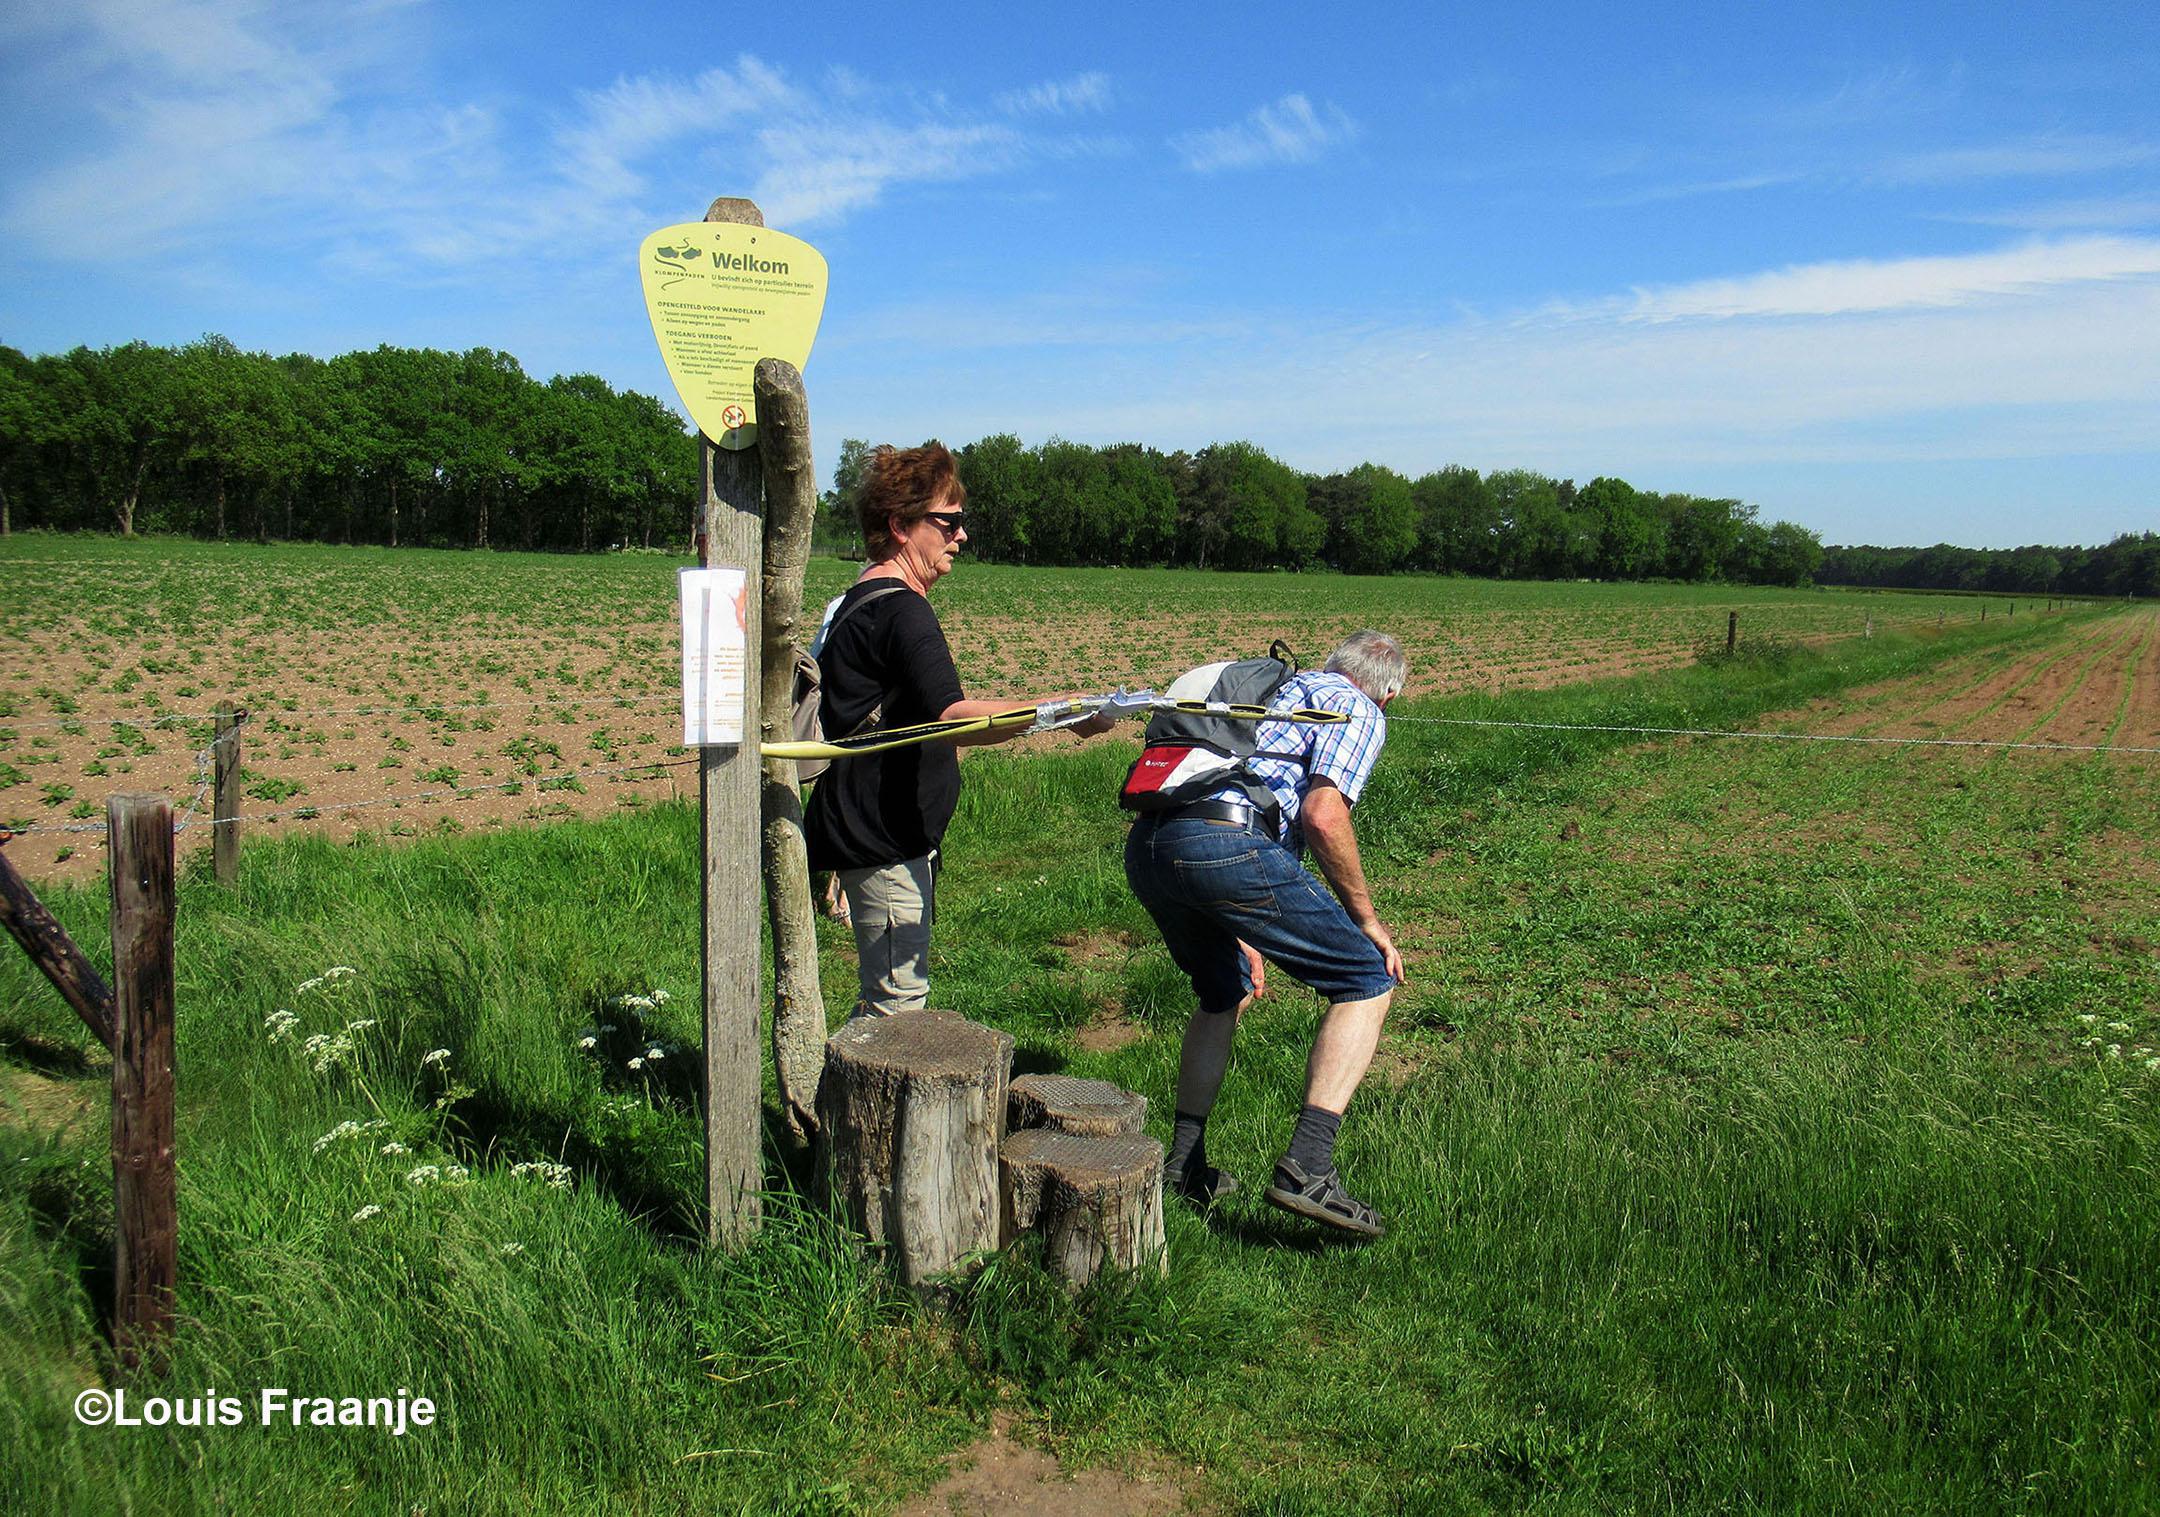 Je kunt over draad stappen, maar met hulp van het vrouwtje er ook onderdoor - Foto: ©Louis Fraanje